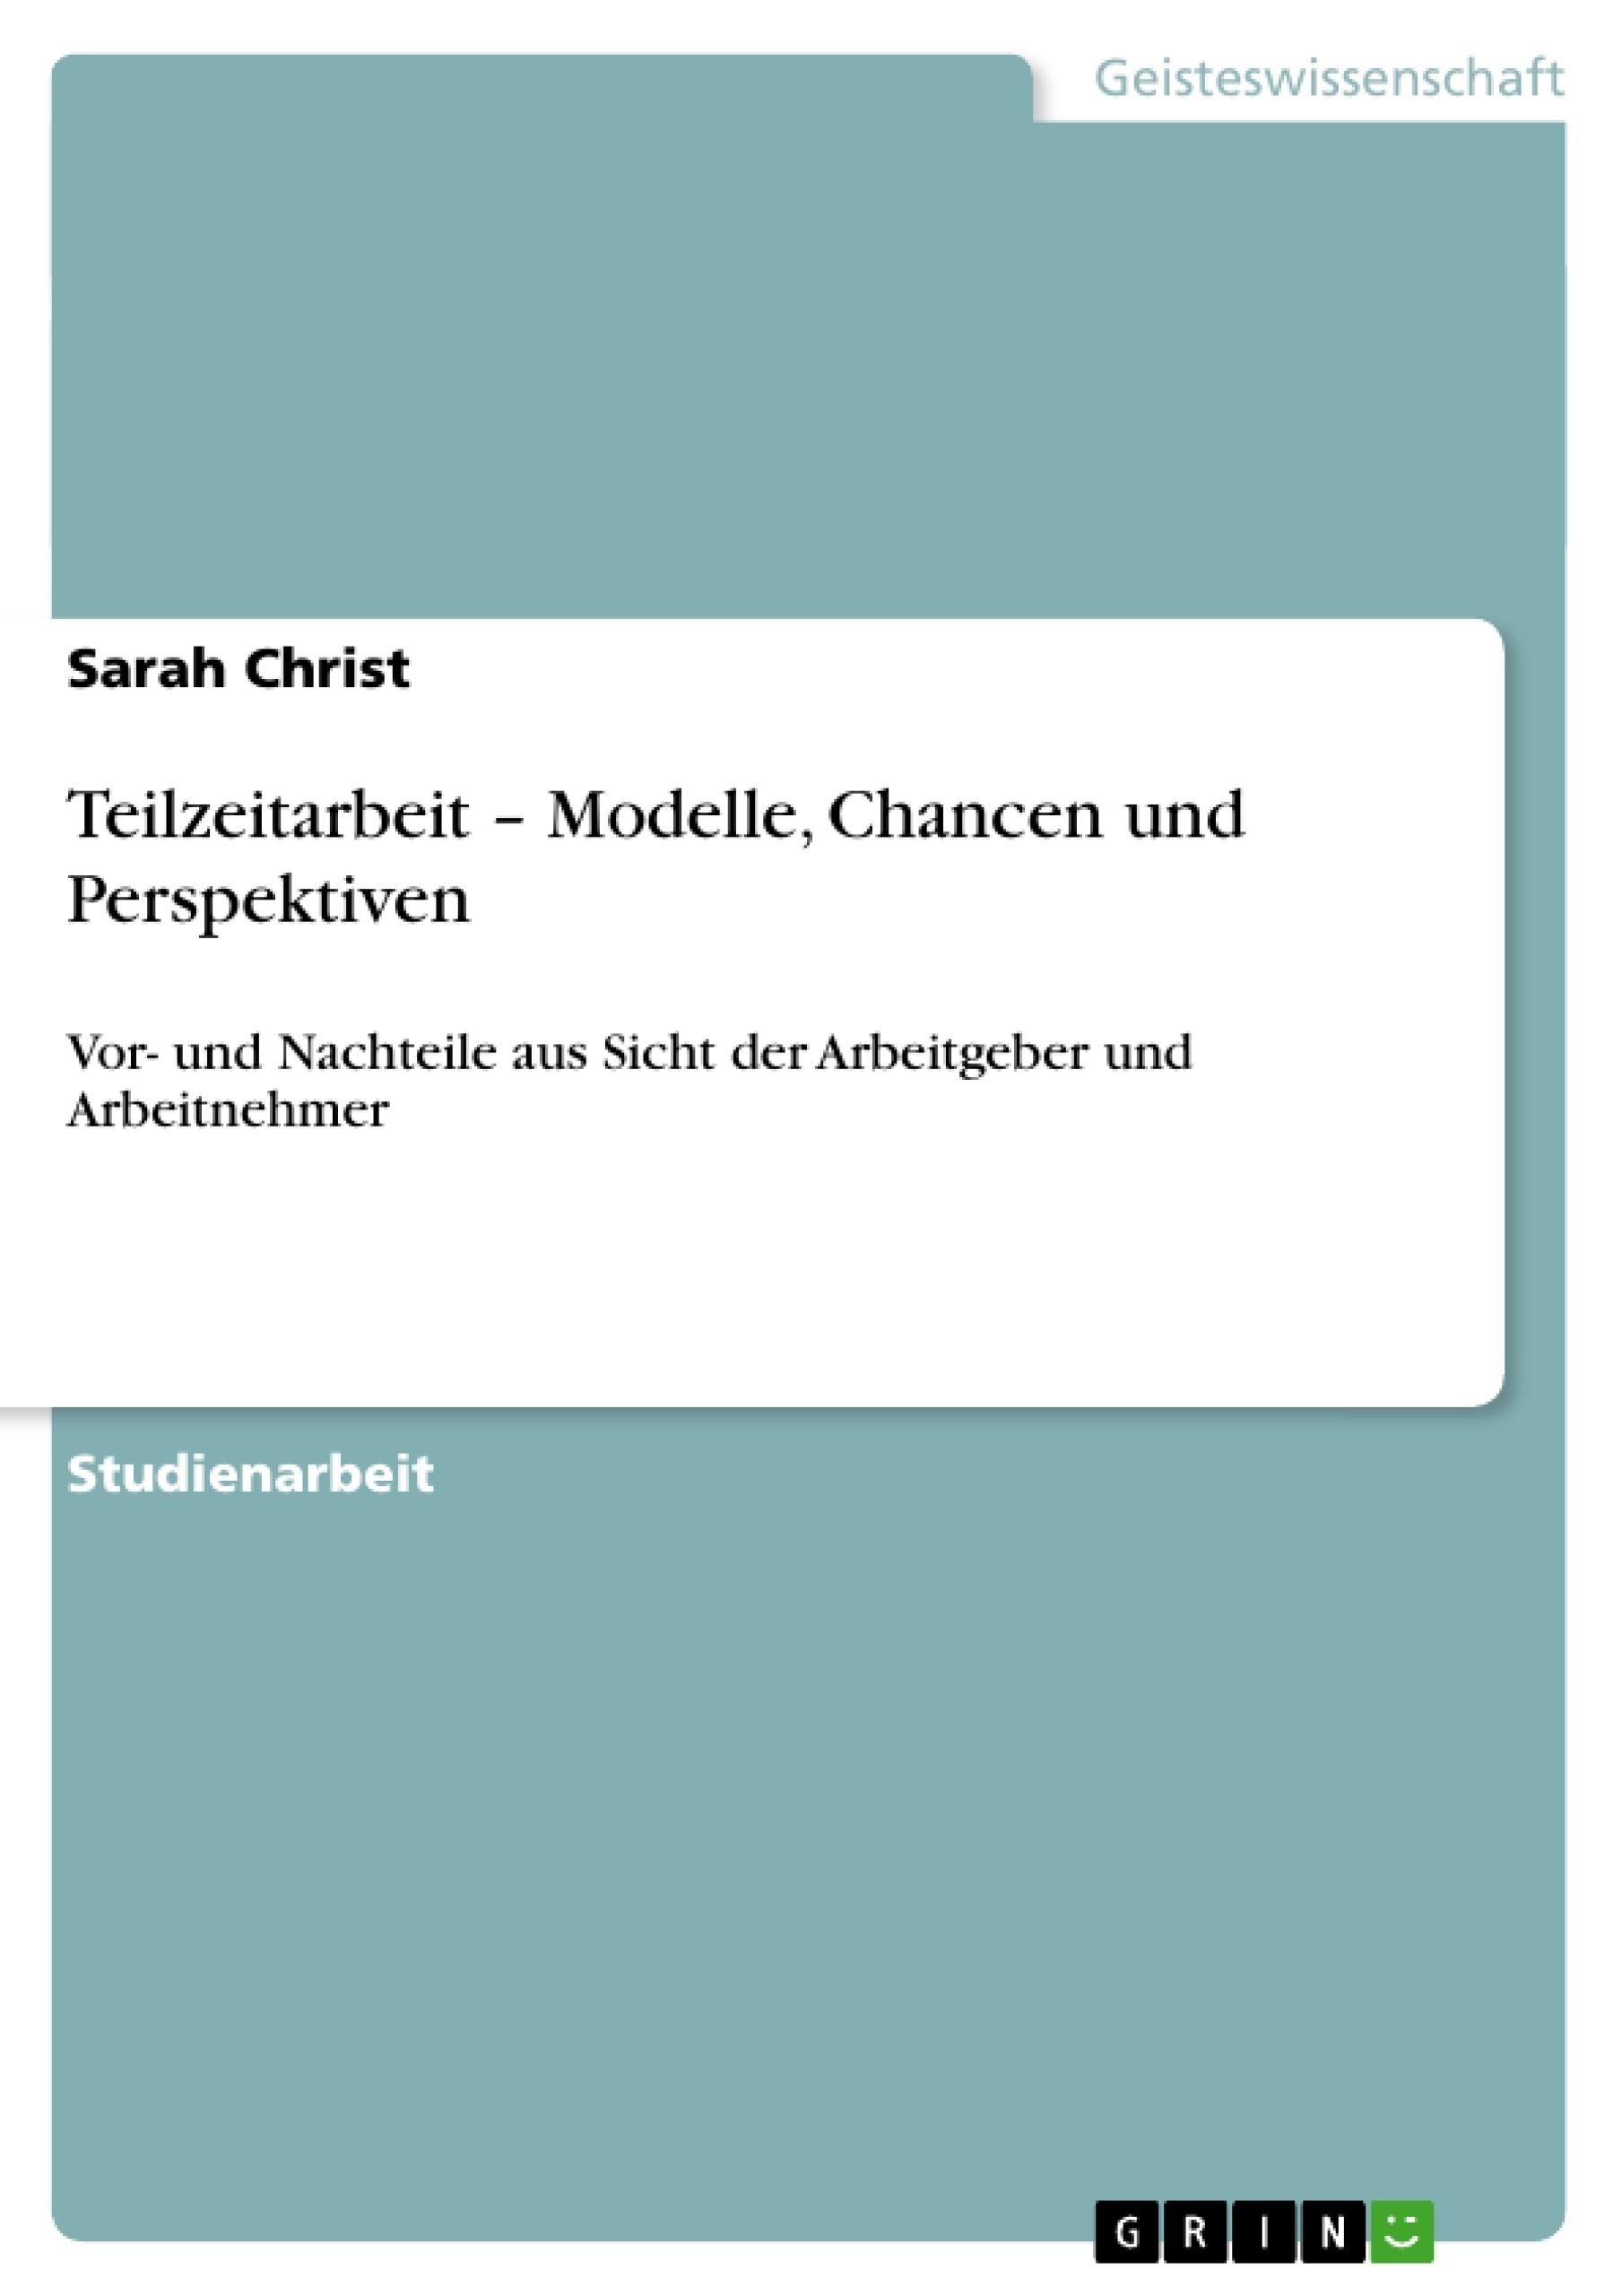 Titel: Teilzeitarbeit – Modelle, Chancen und Perspektiven